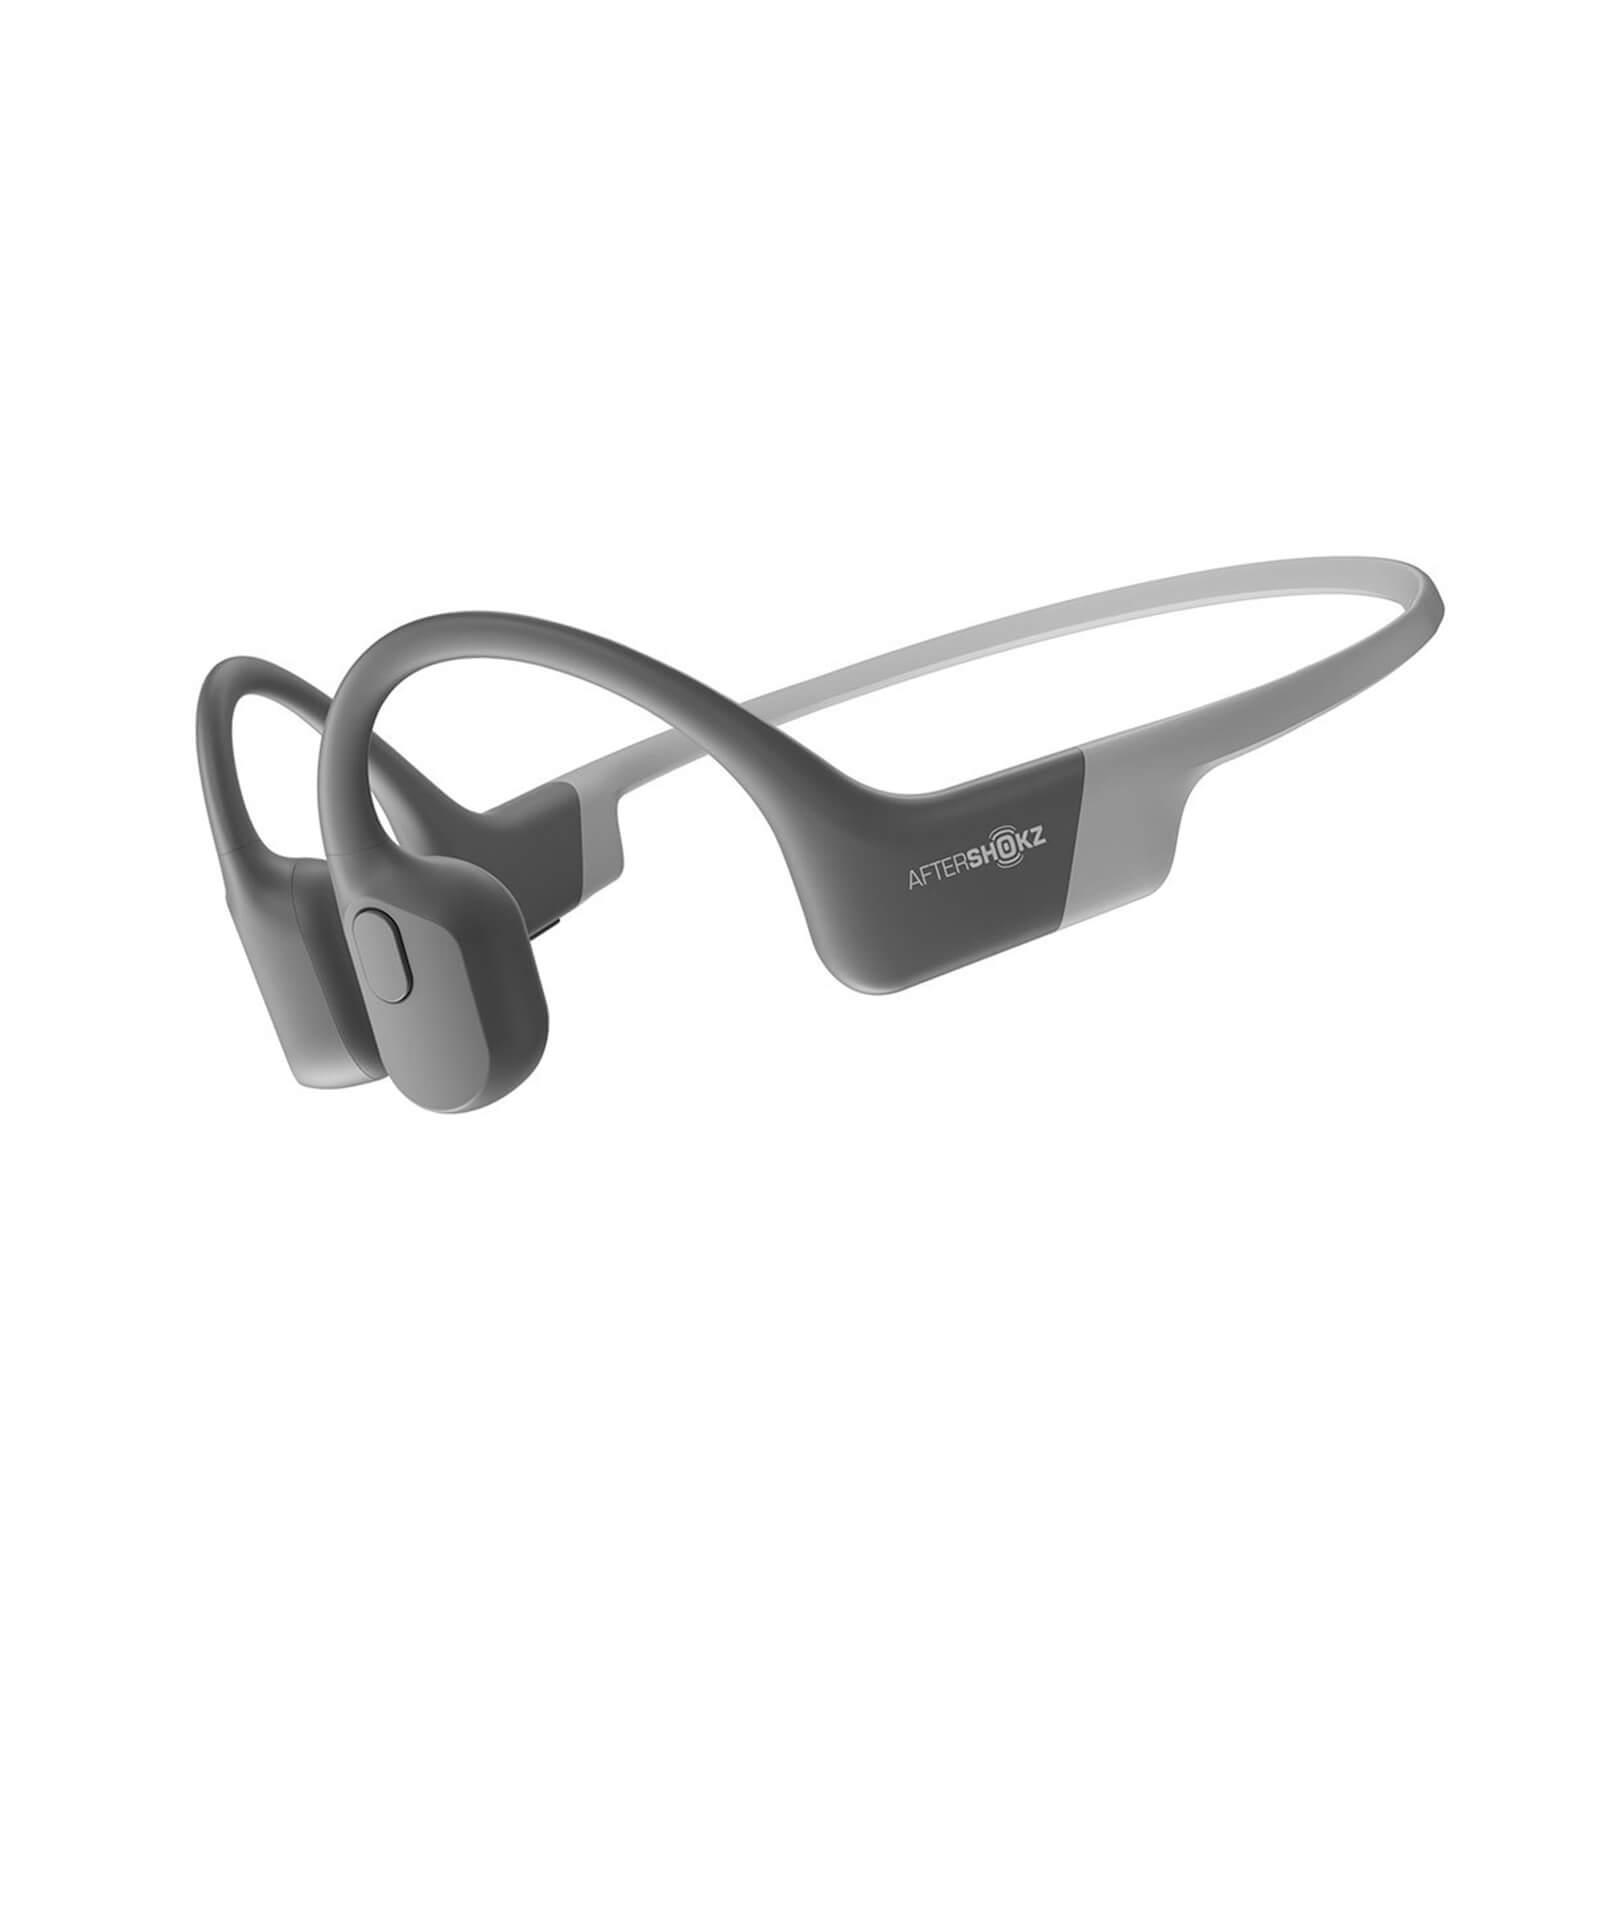 AFTERSHOKZ Casque Bluetooth AEROPEX Gris à conduction osseuse avec micro